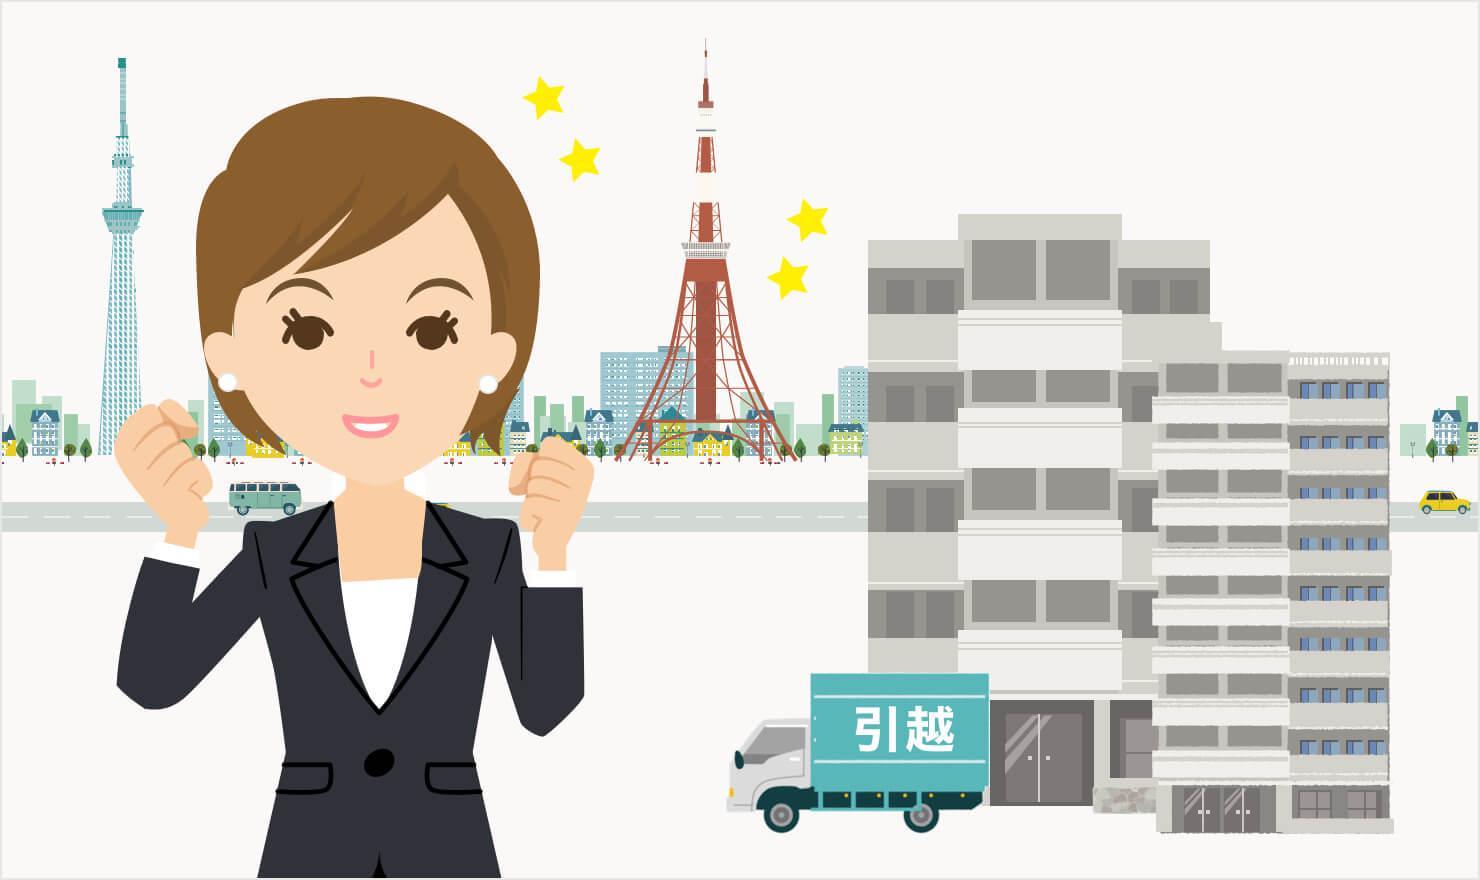 東京での転職を成功させる!後悔しないためのアレやコレや